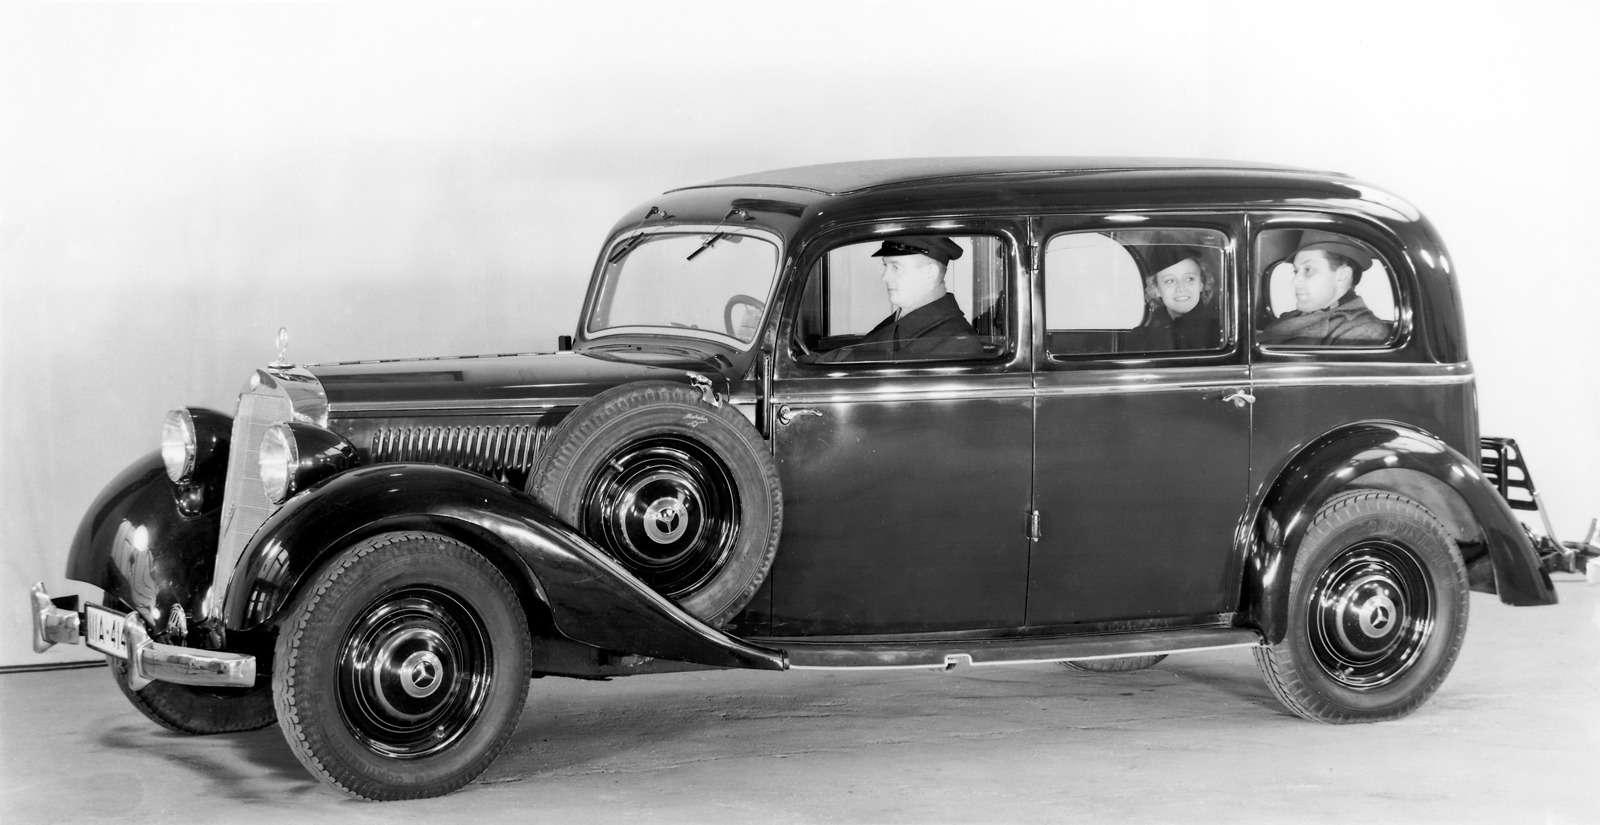 Сборная солярка: история отечественного легкового дизеля— фото 590744